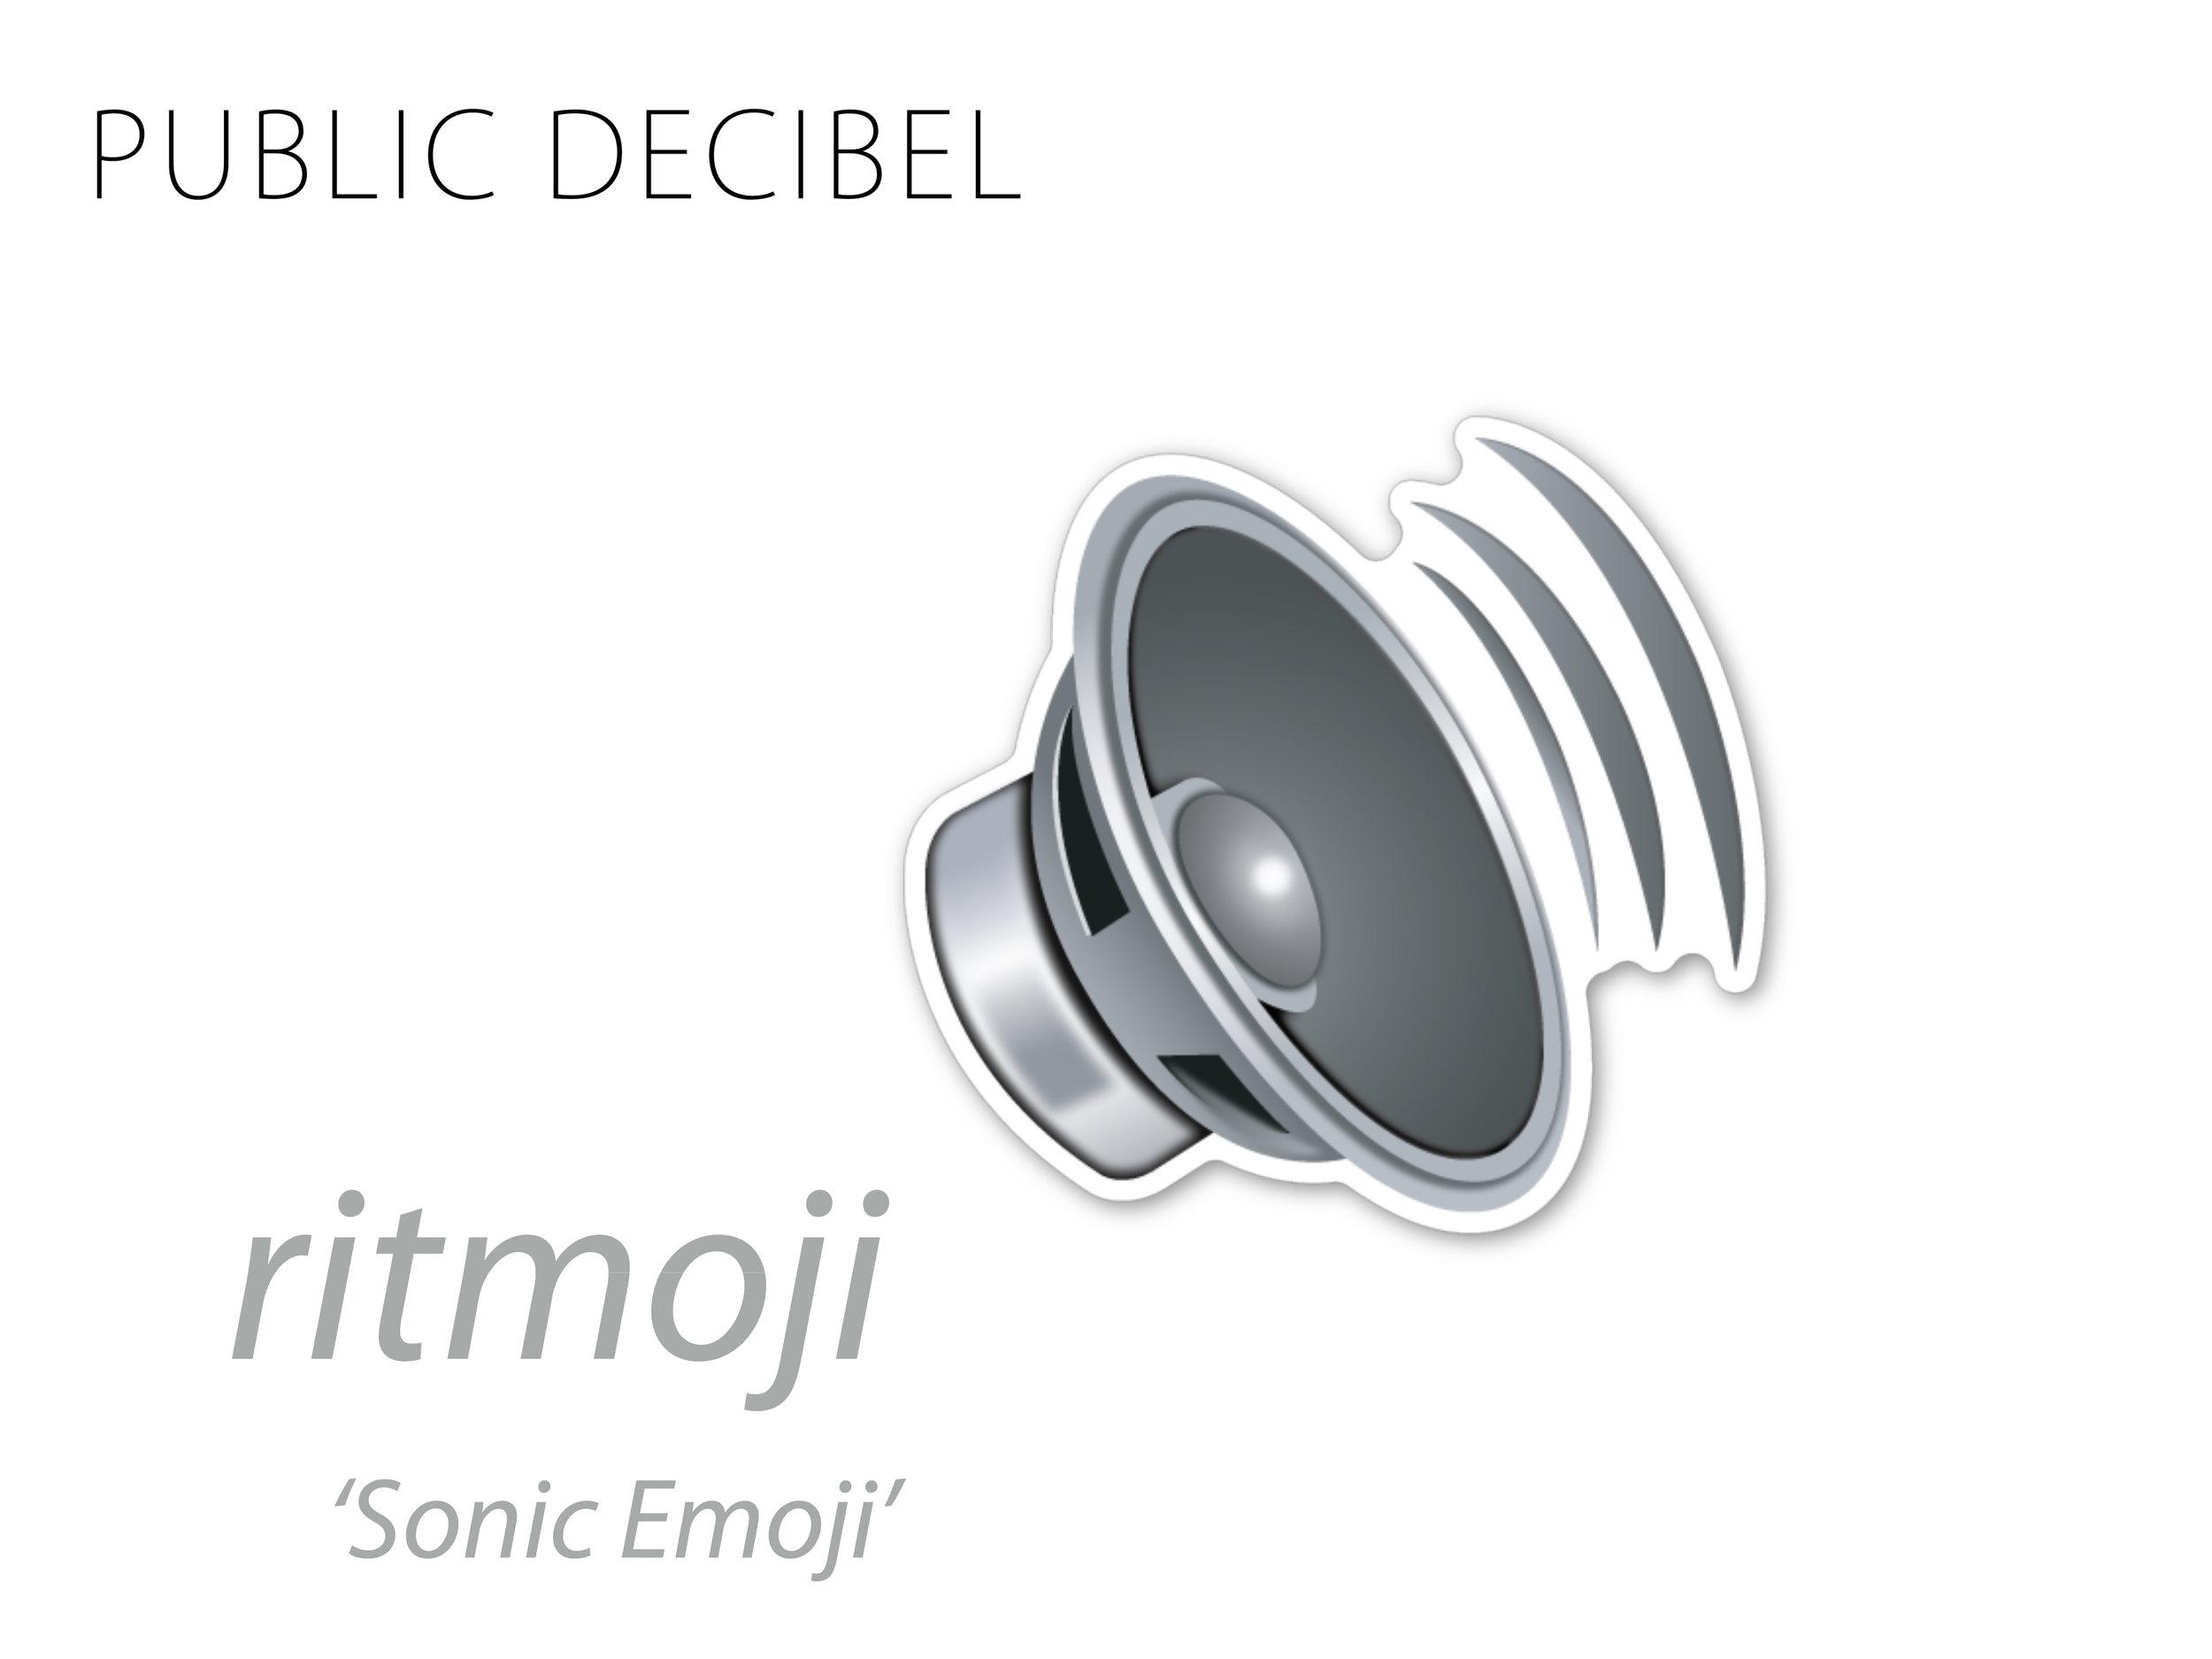 Public Decibel_Ritmoji-1.jpg